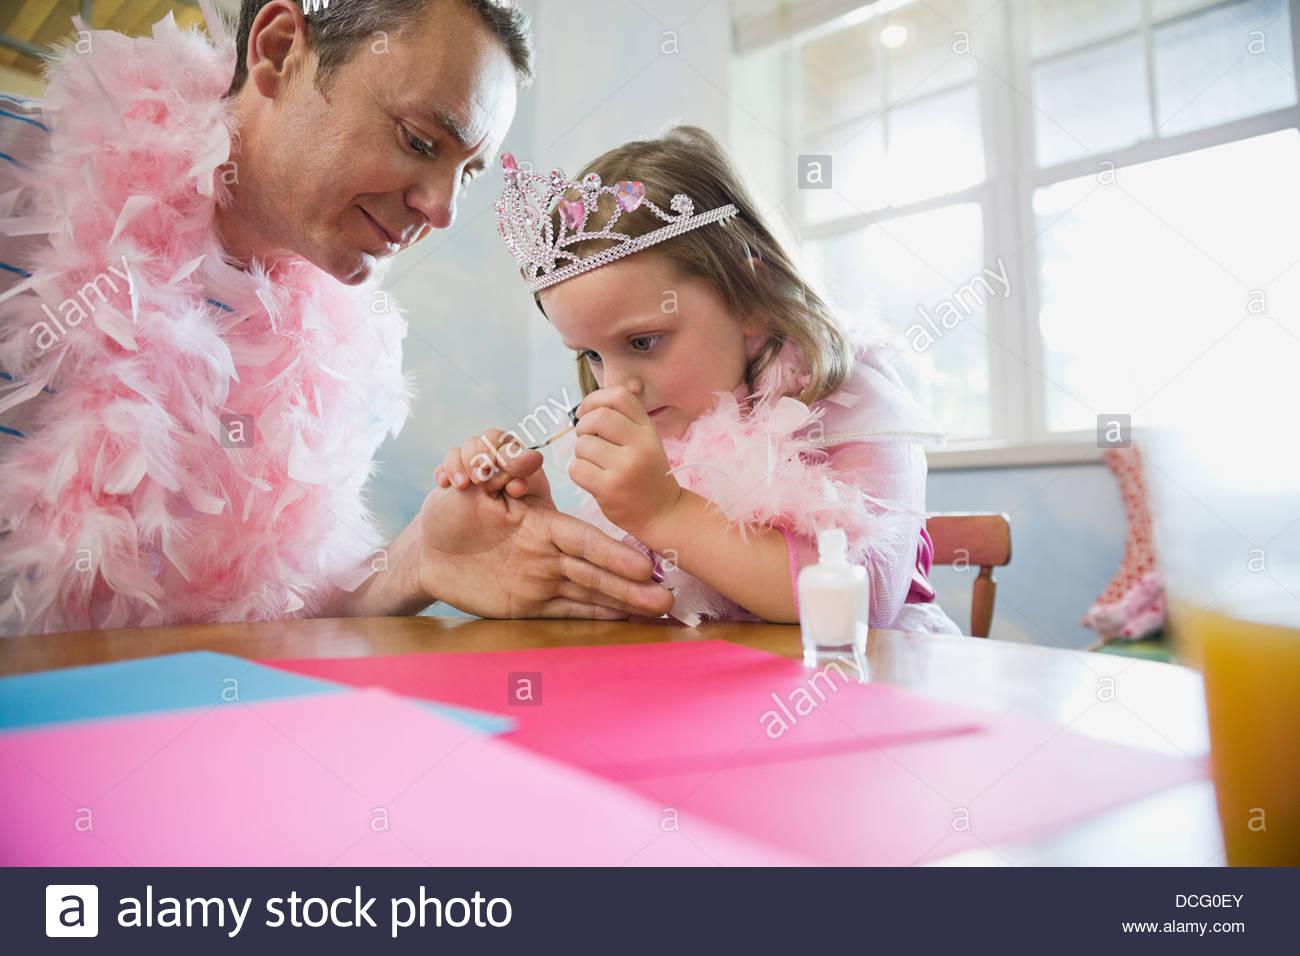 Kleines Mädchen malen Väter Fingernägel am Tisch Stockbild